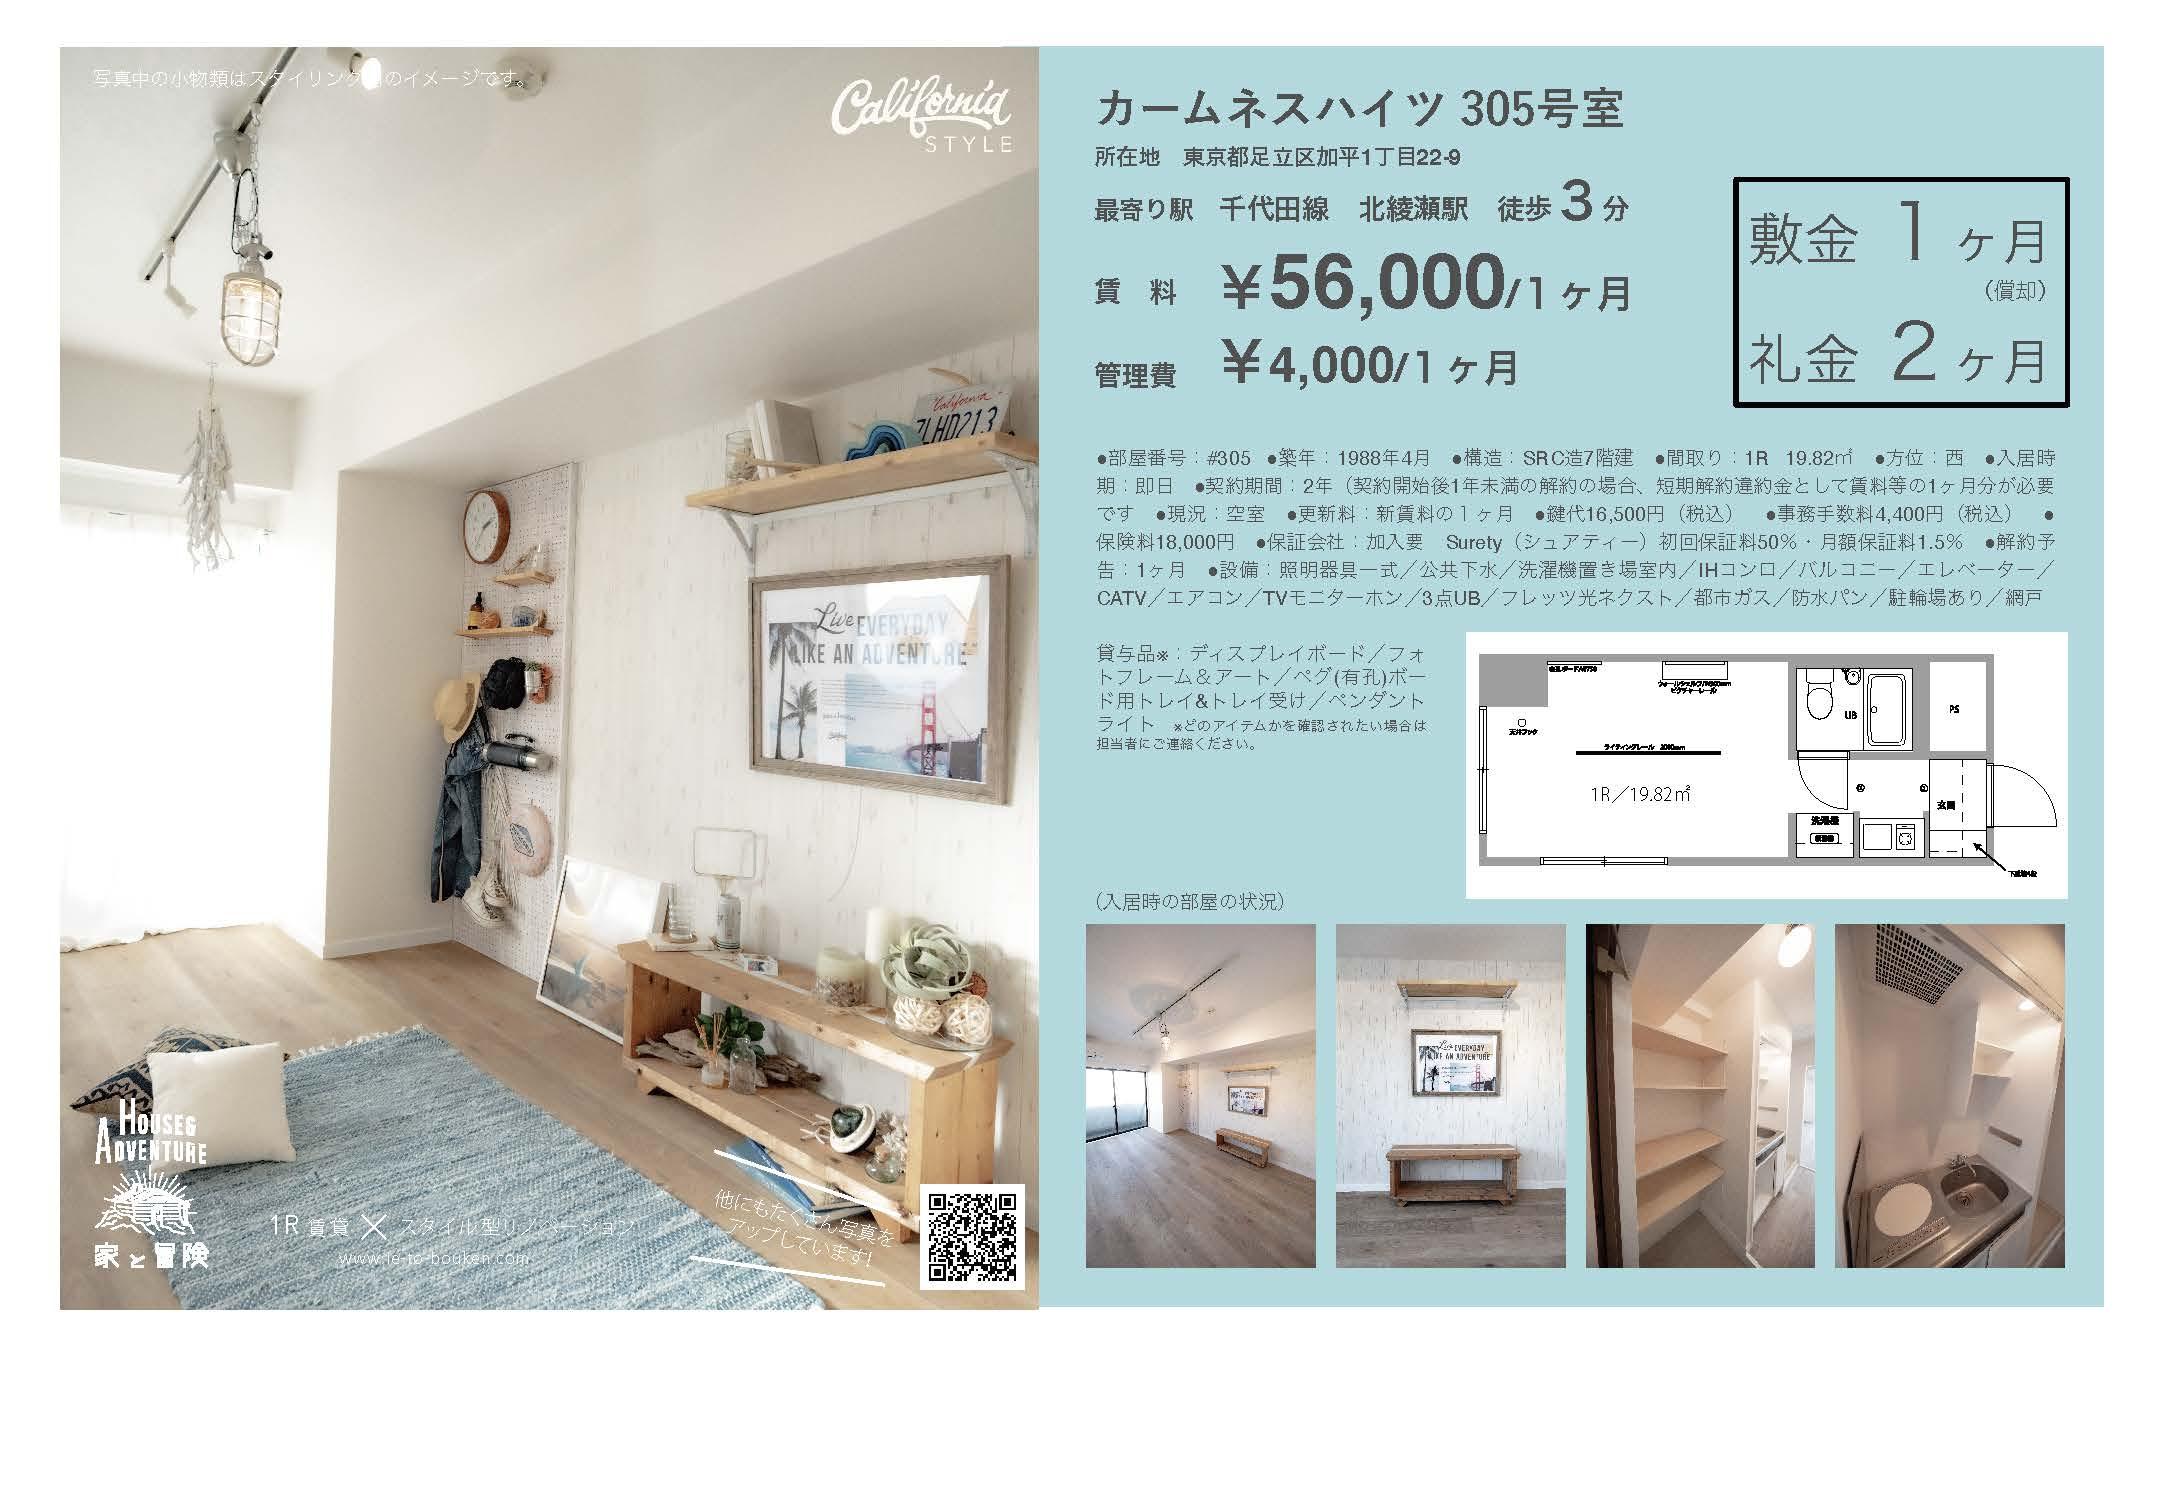 北綾瀬|カームネスハイツ305号室